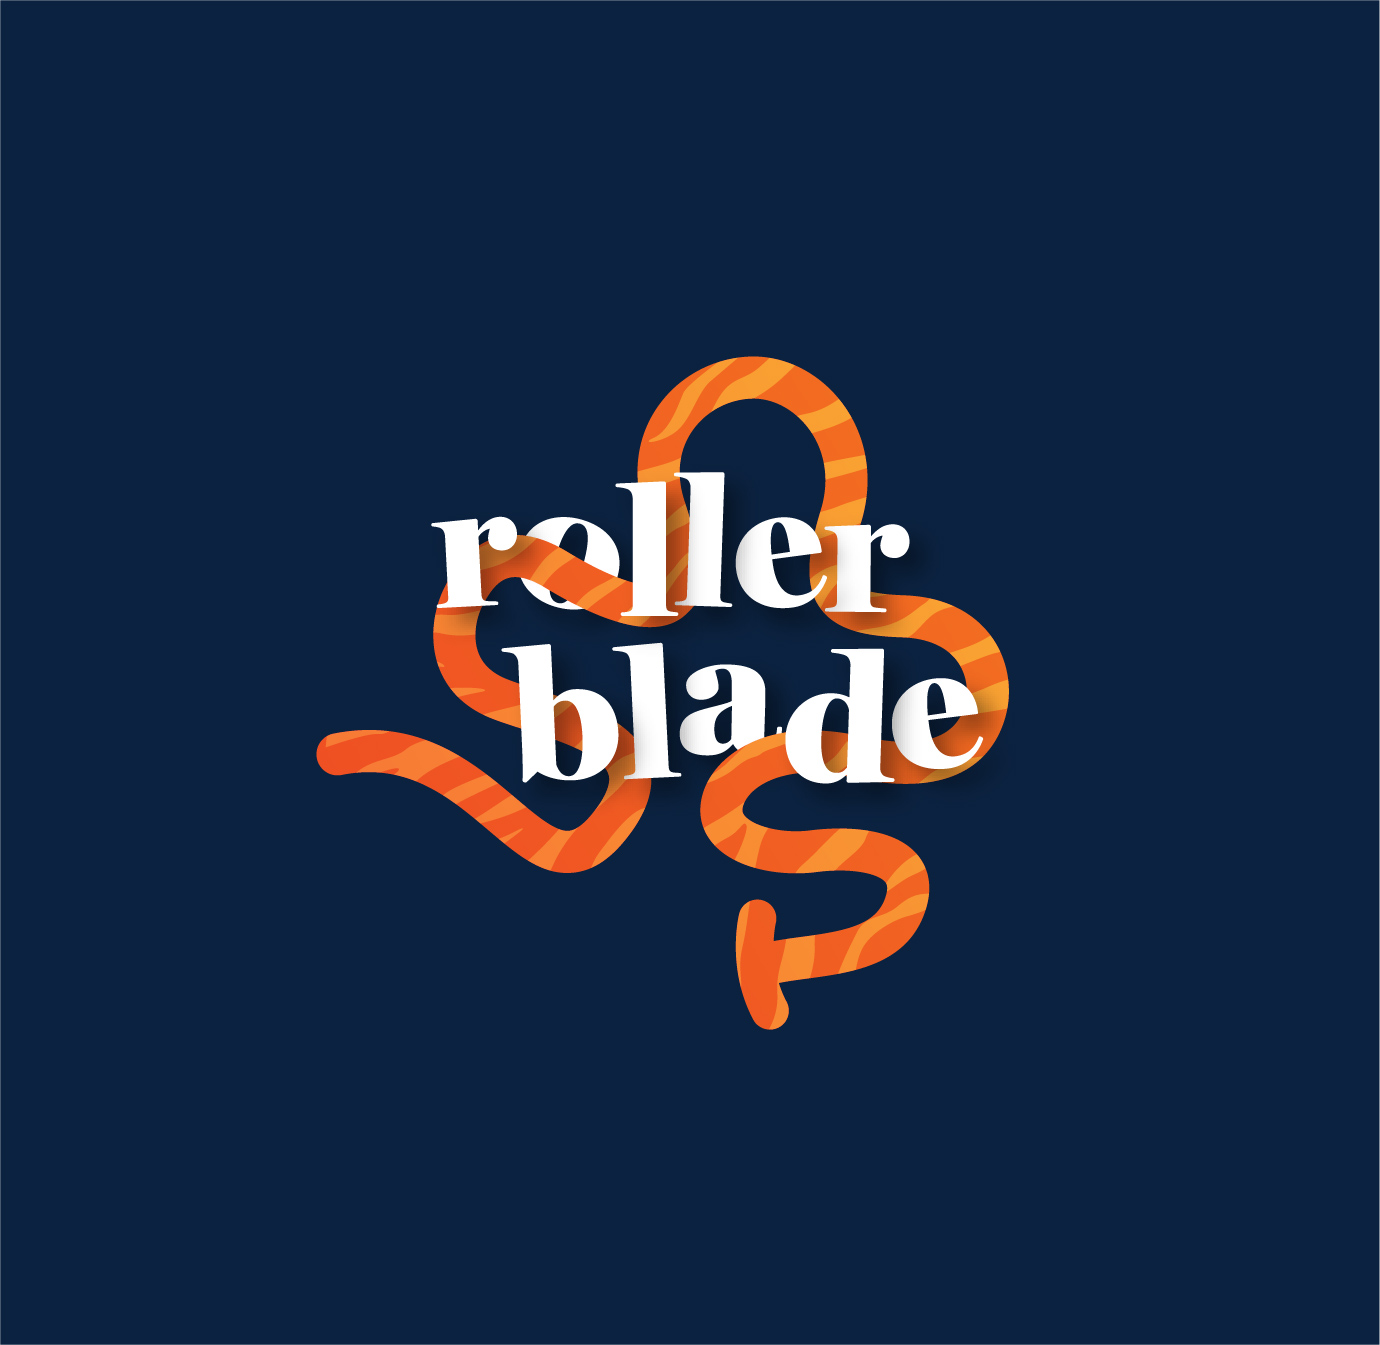 Roller Blade image